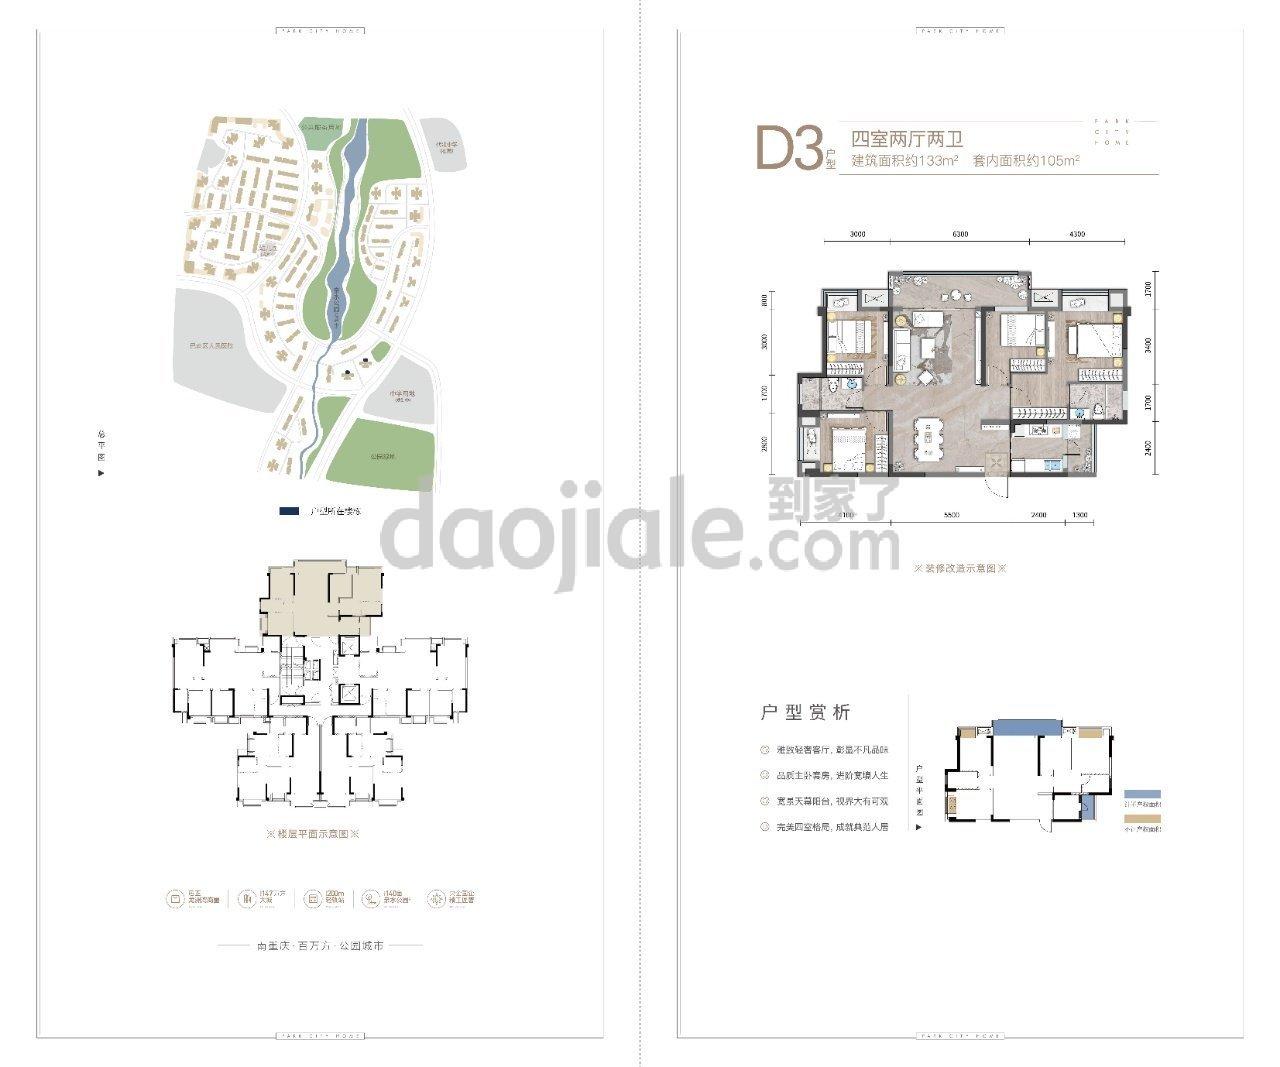 巴南区龙洲湾洺悦城新房D5户型户型图